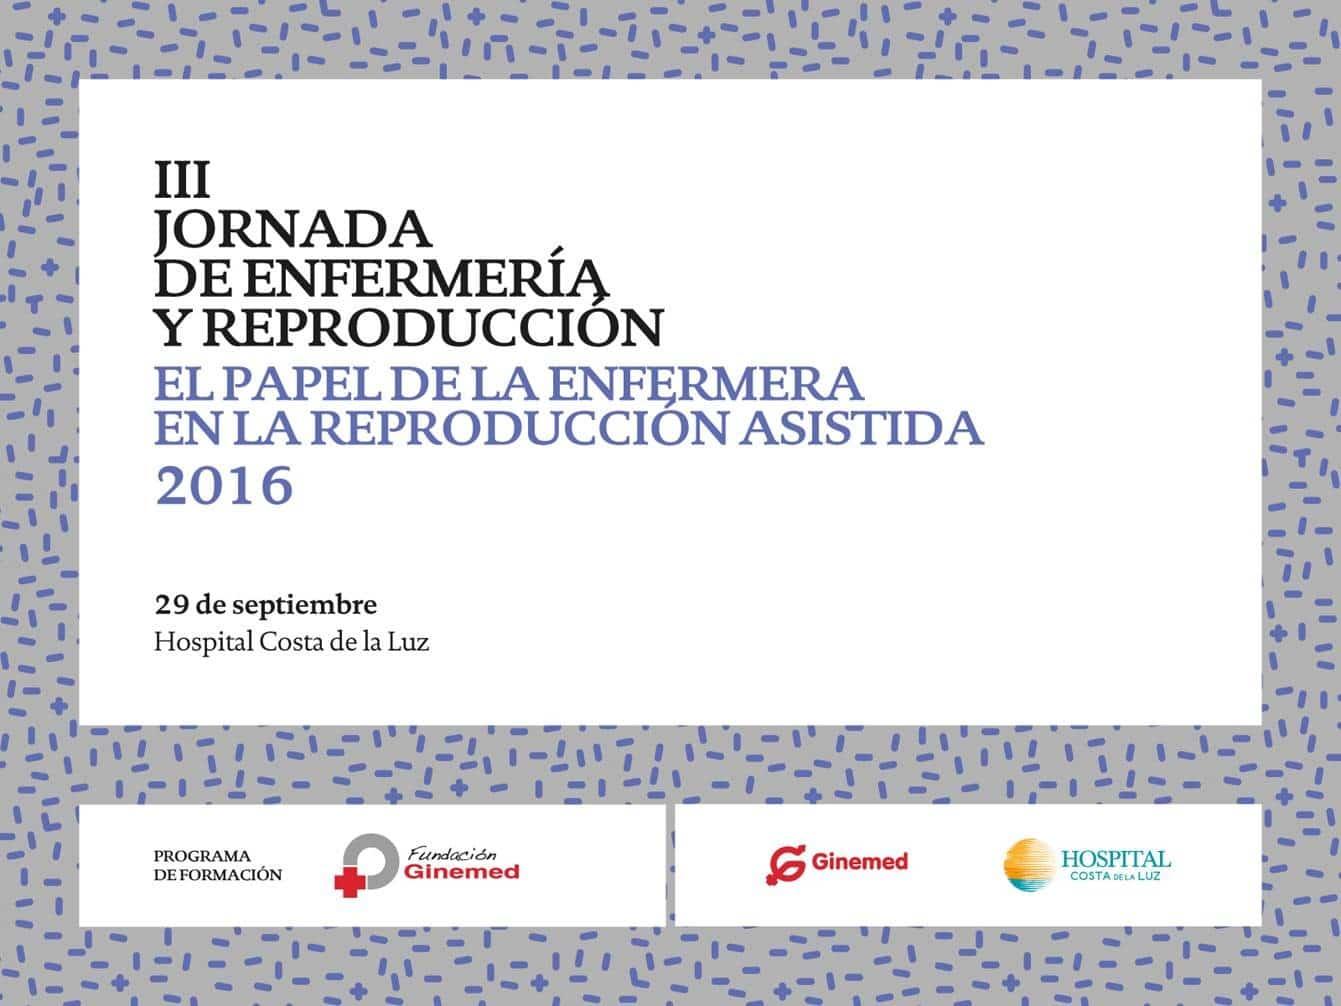 Cartel III Jornada de enfermería y reproducción. El papel de la enfermera en la reproducción asistida